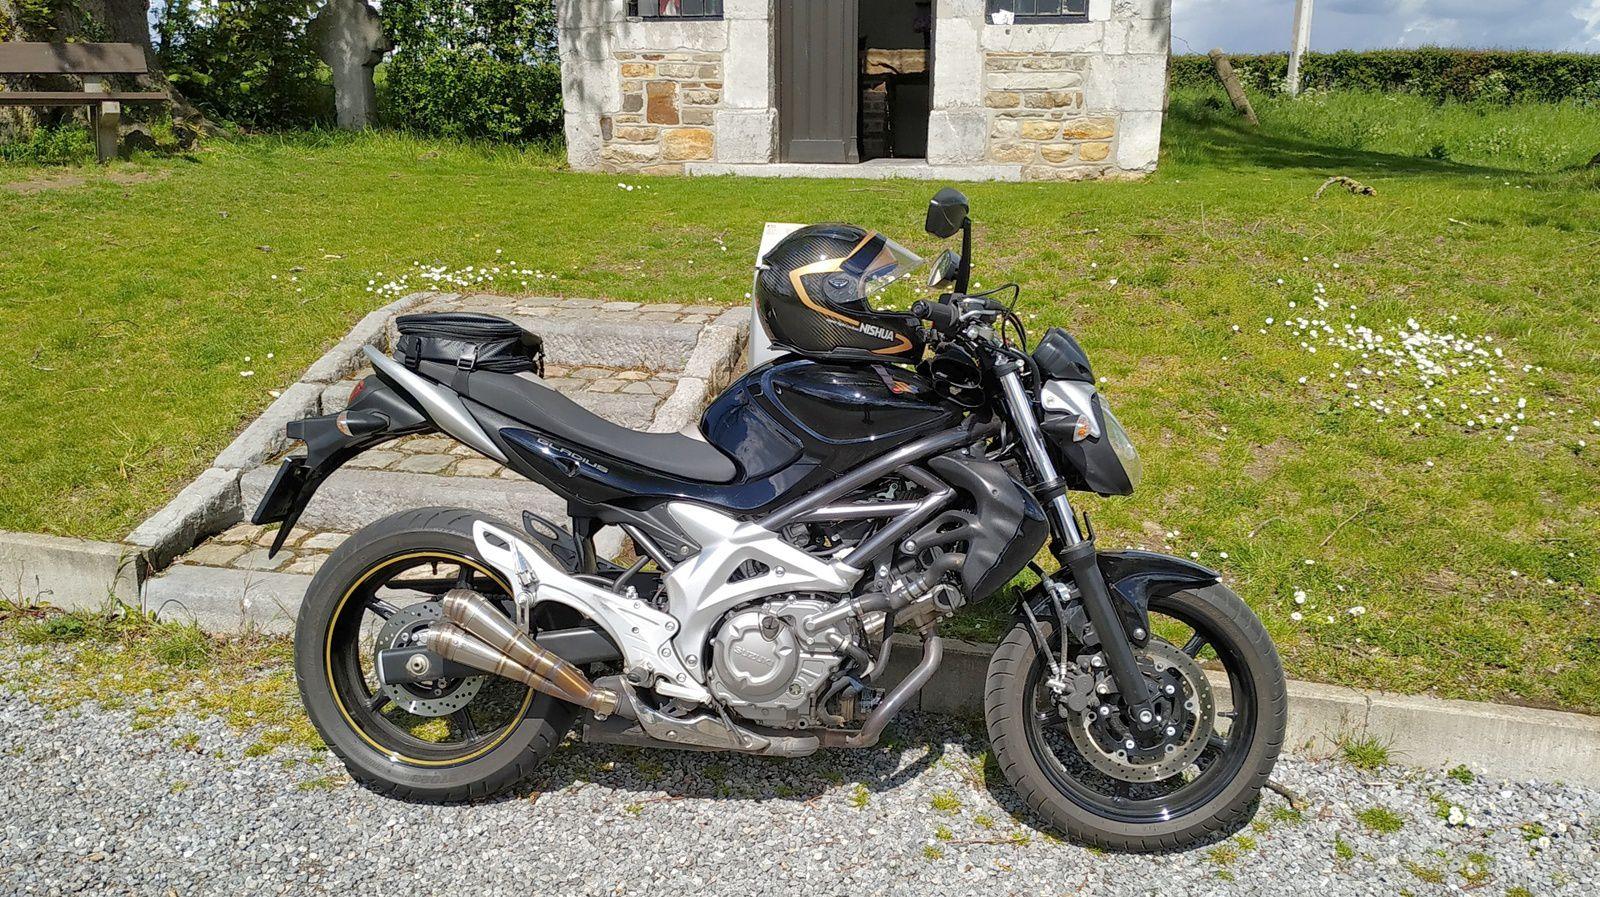 Janvier 2021 Moto : Bye bye Deauville, bienvenue Gladius.